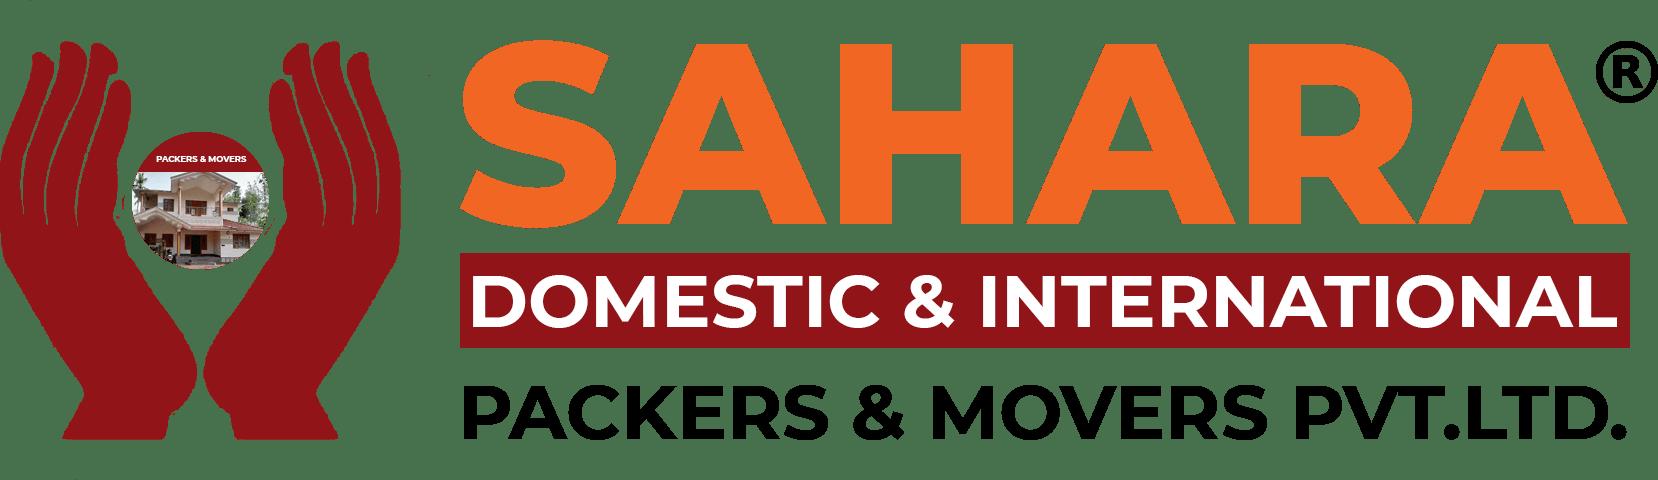 Sahara Packers